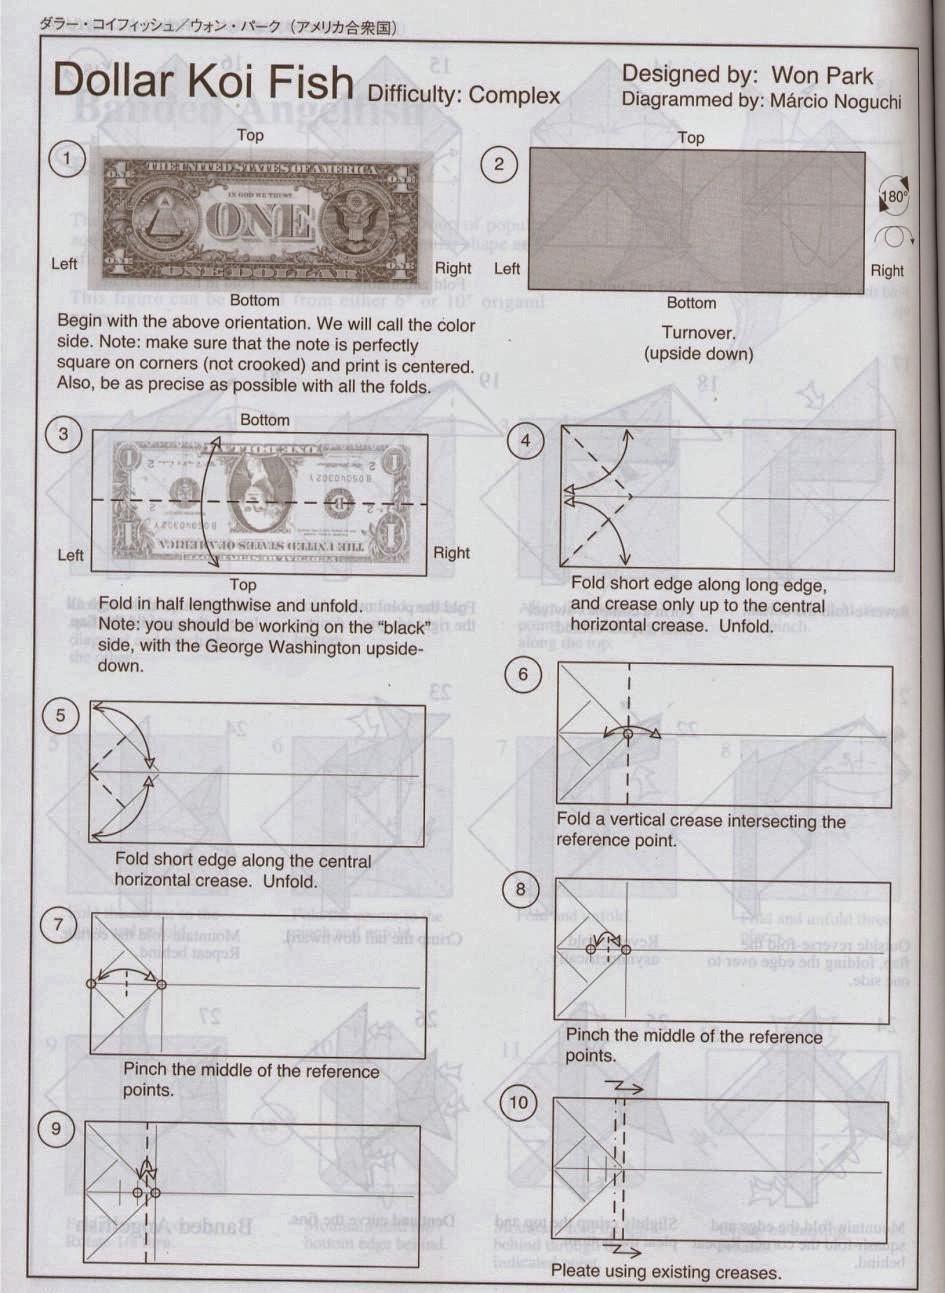 Dollar Koi Fish El Arte Del Origami Diagram Buena Suerte